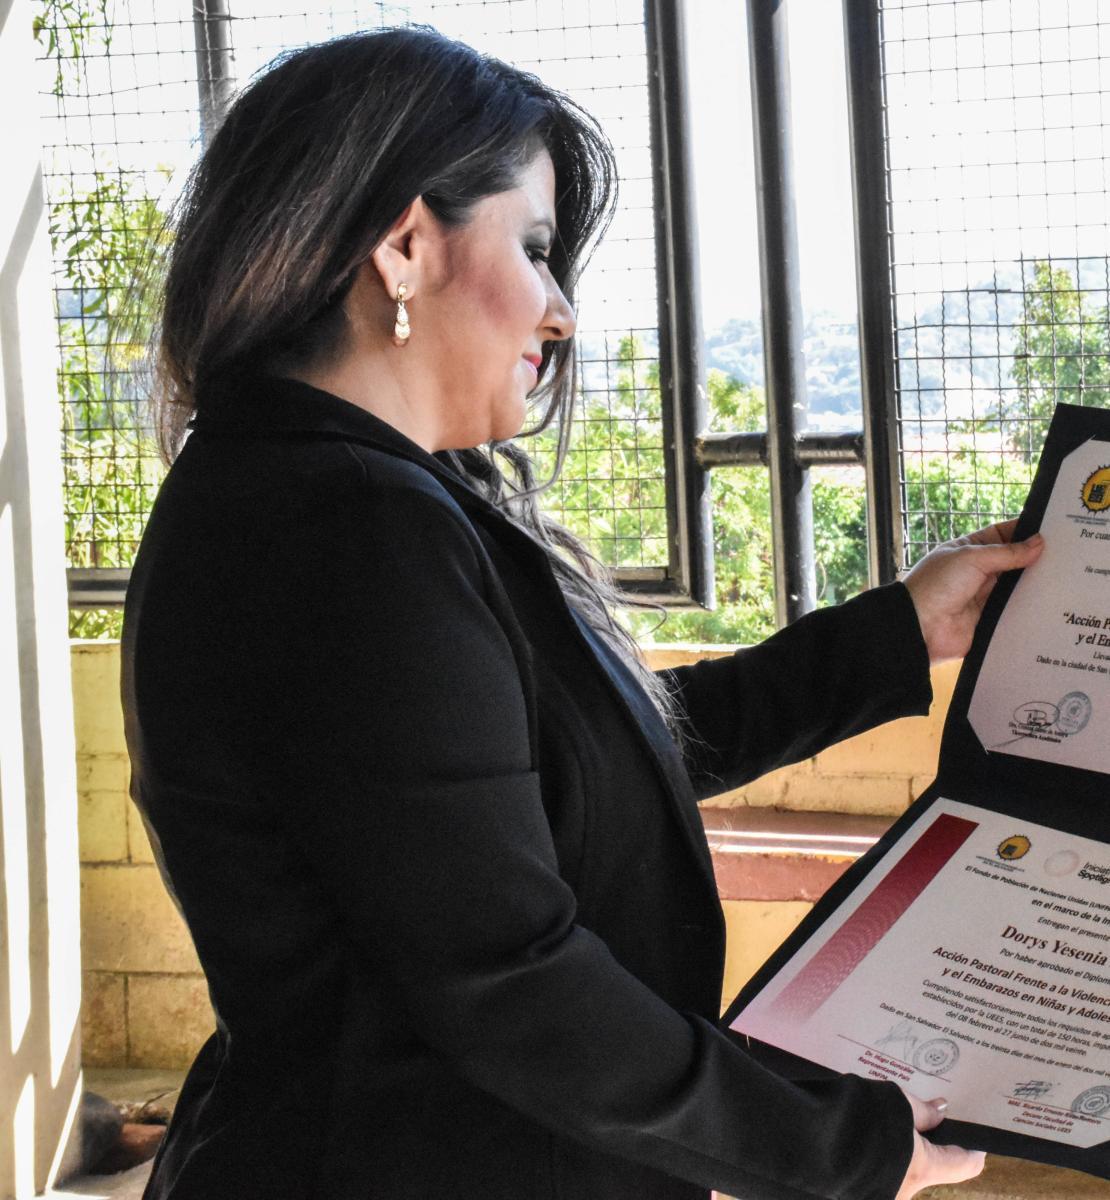 Une femme aux cheveux noirs portant une veste noire regarde son diplôme.